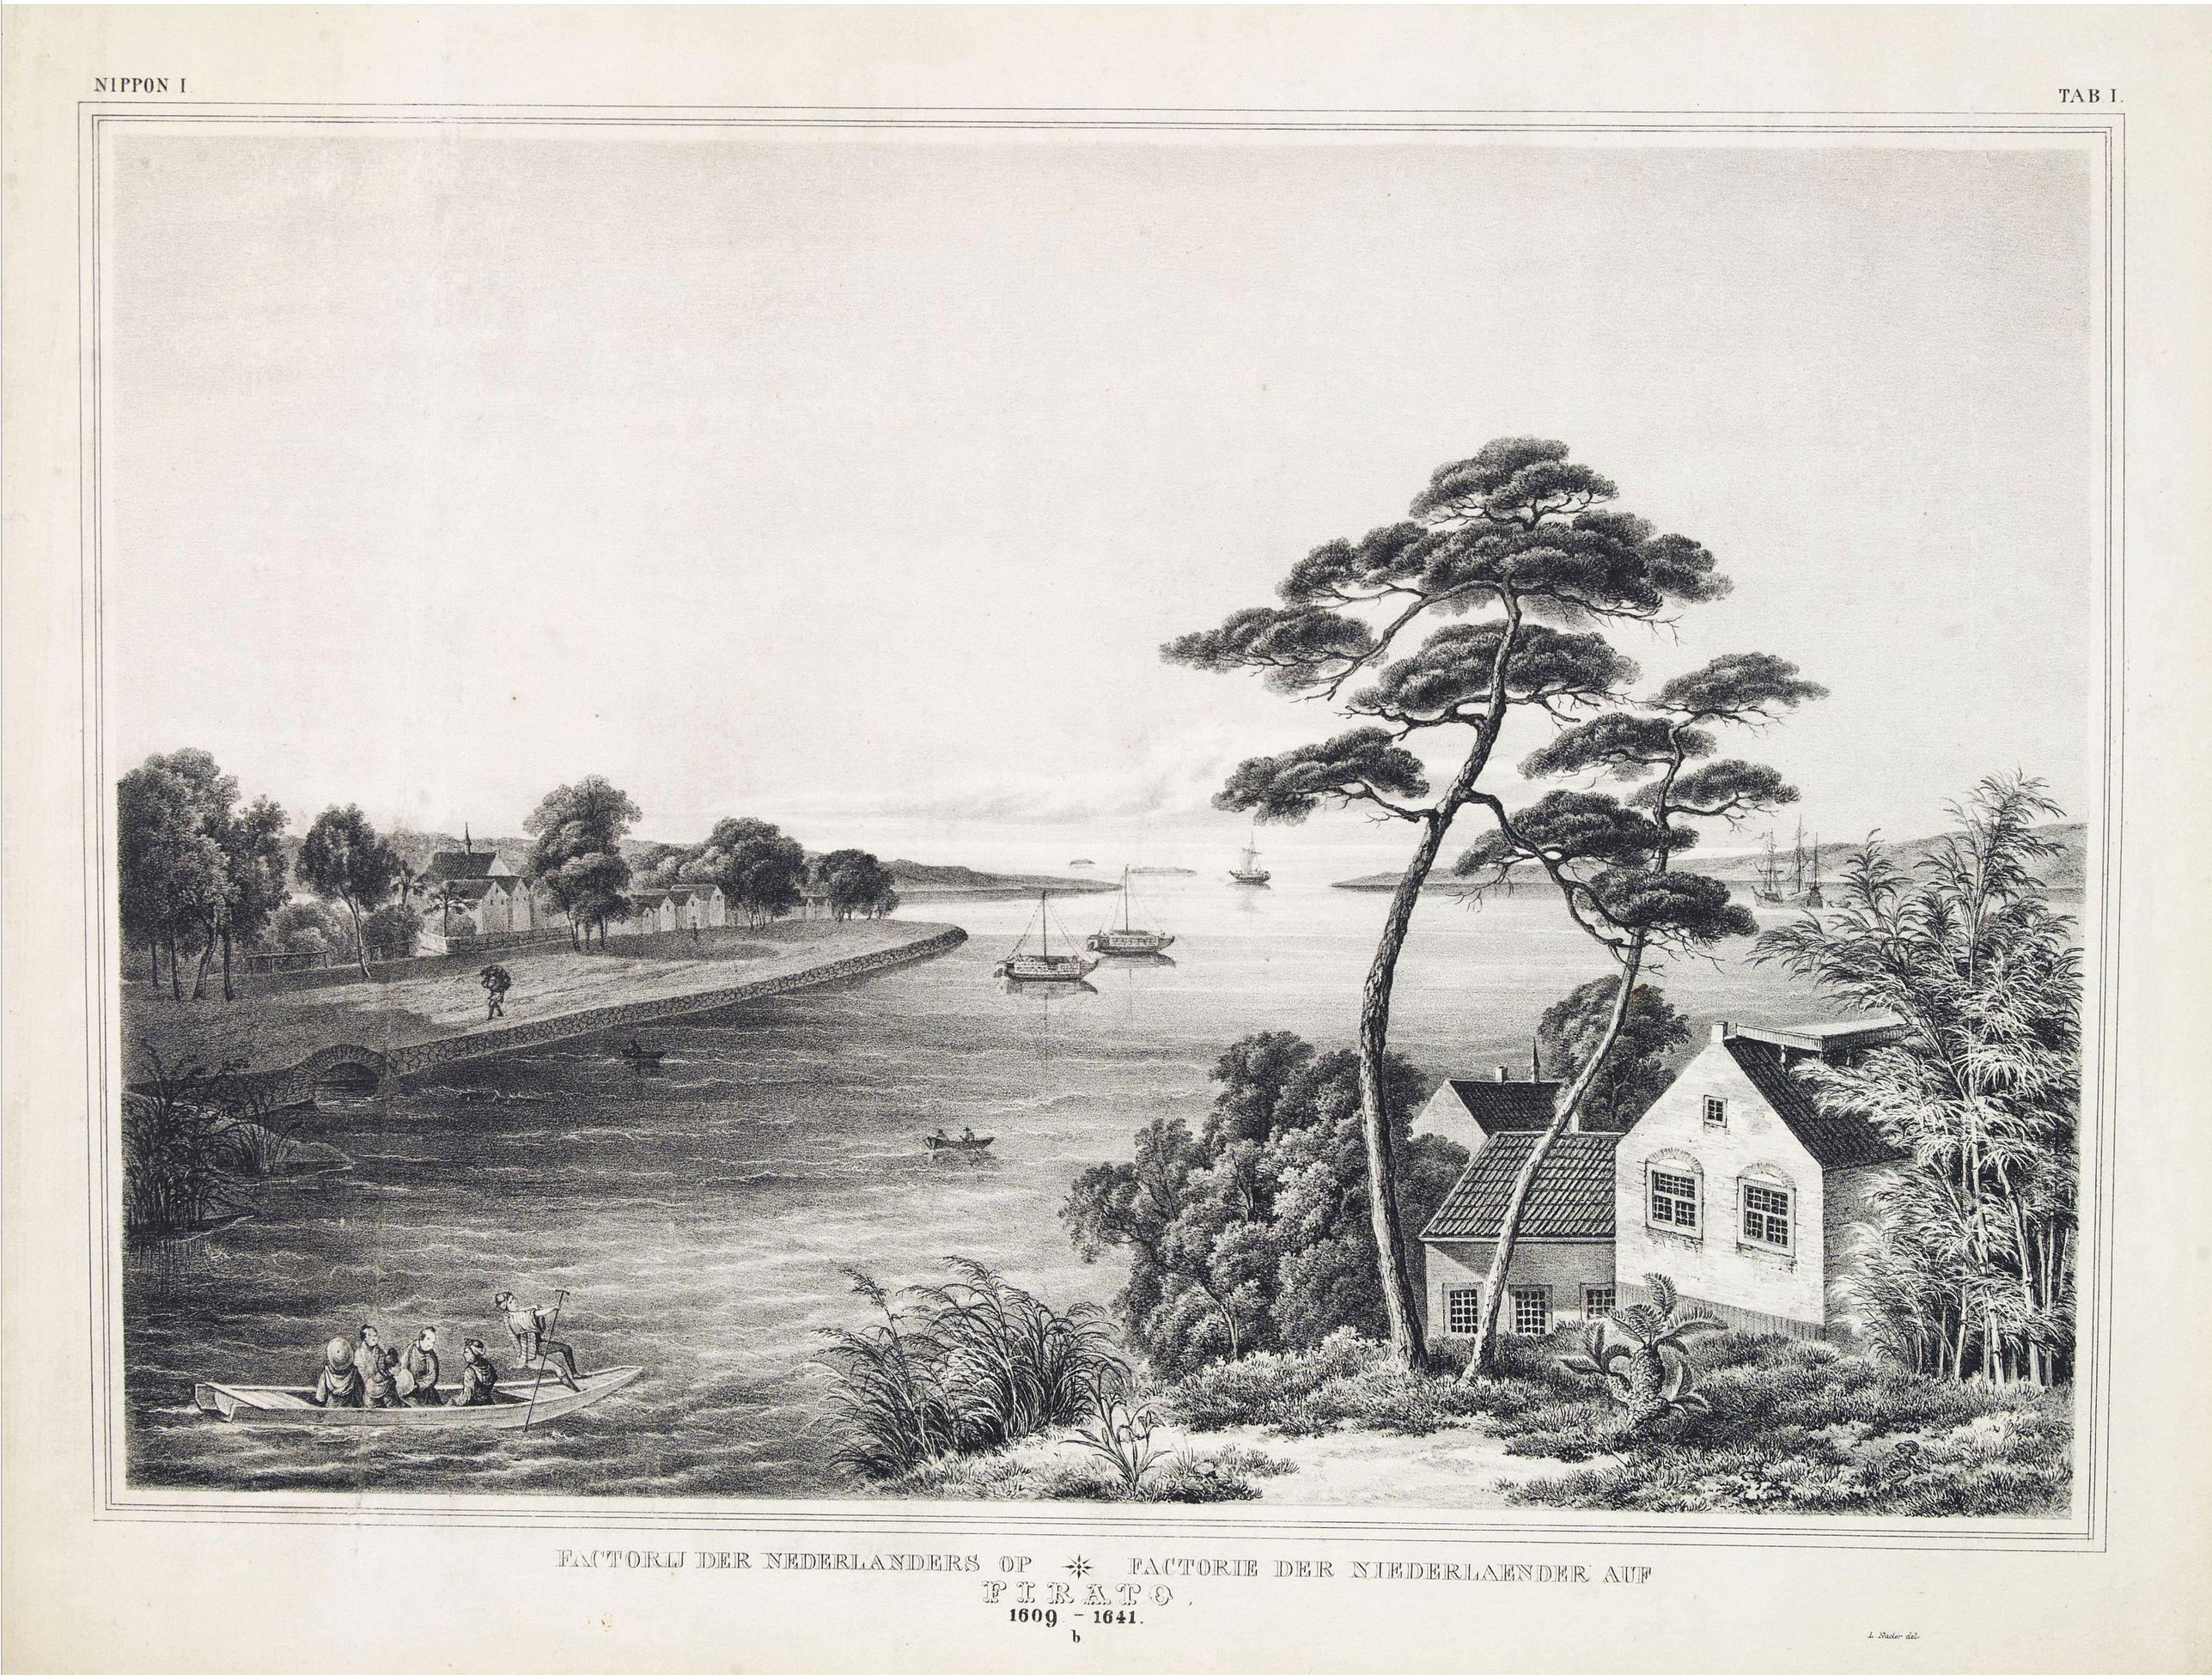 VON SIEBOLD, P.Fr.B. -  Factorij der Nederlanders op Firato.. 1609-1641.